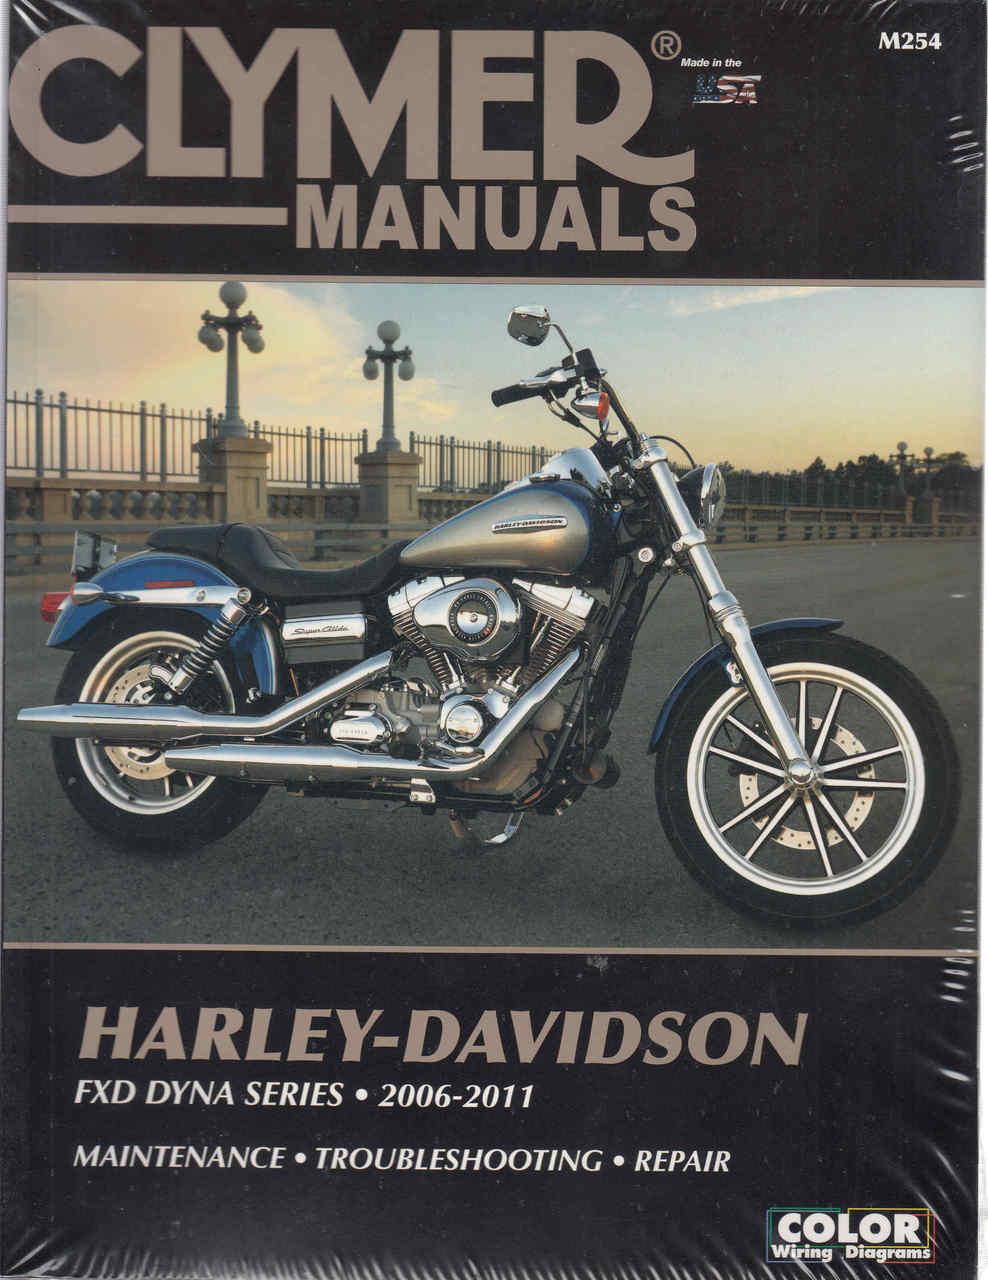 Harley-Davidson FXD DYNA SERIES 2006 - 2011 Workshop Manual (9781599695365)  ...